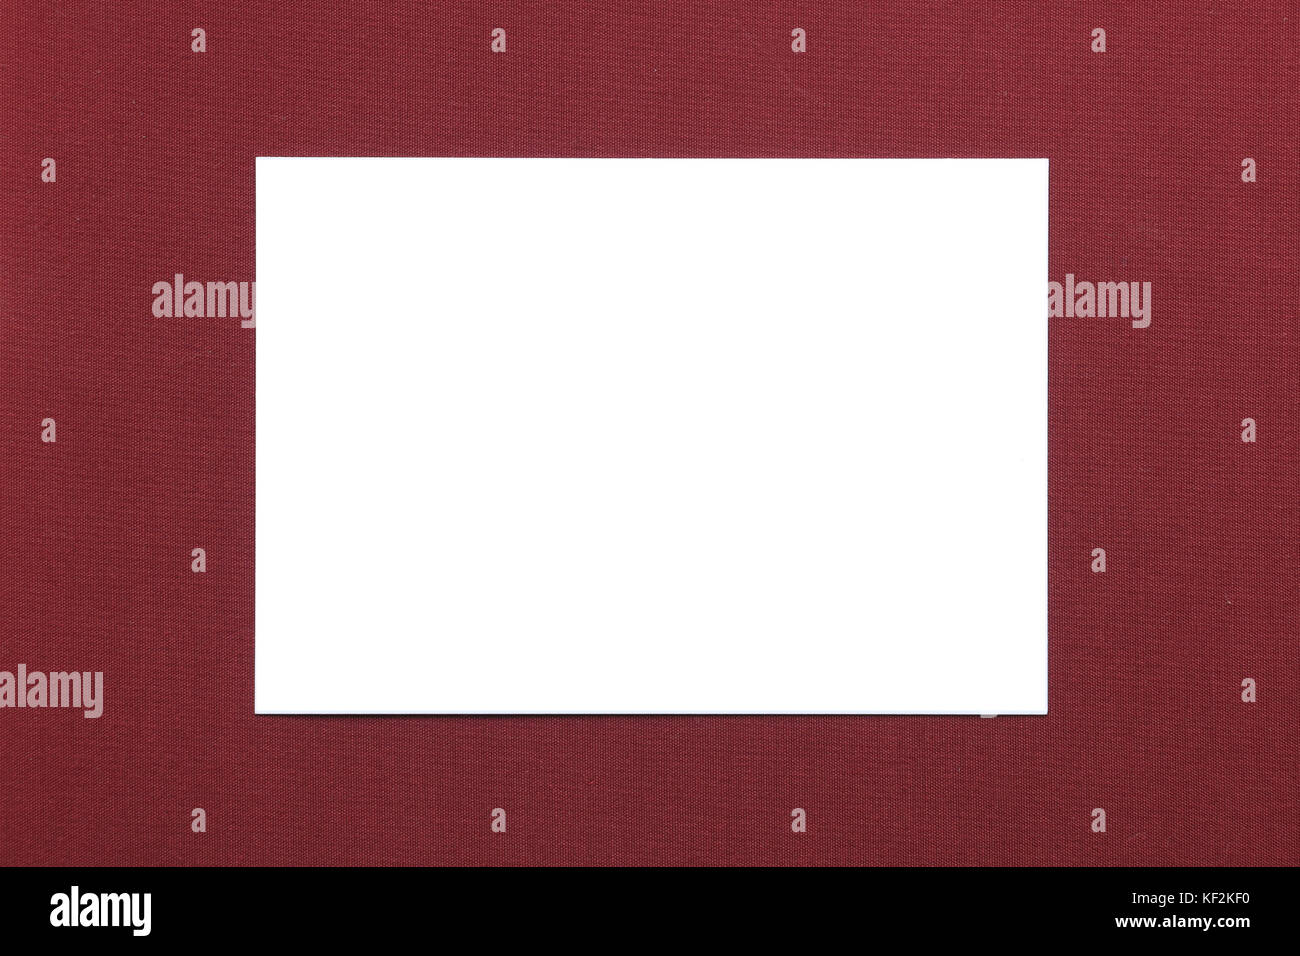 Blank Business Card On Table Stock Photos Blank Business Card On